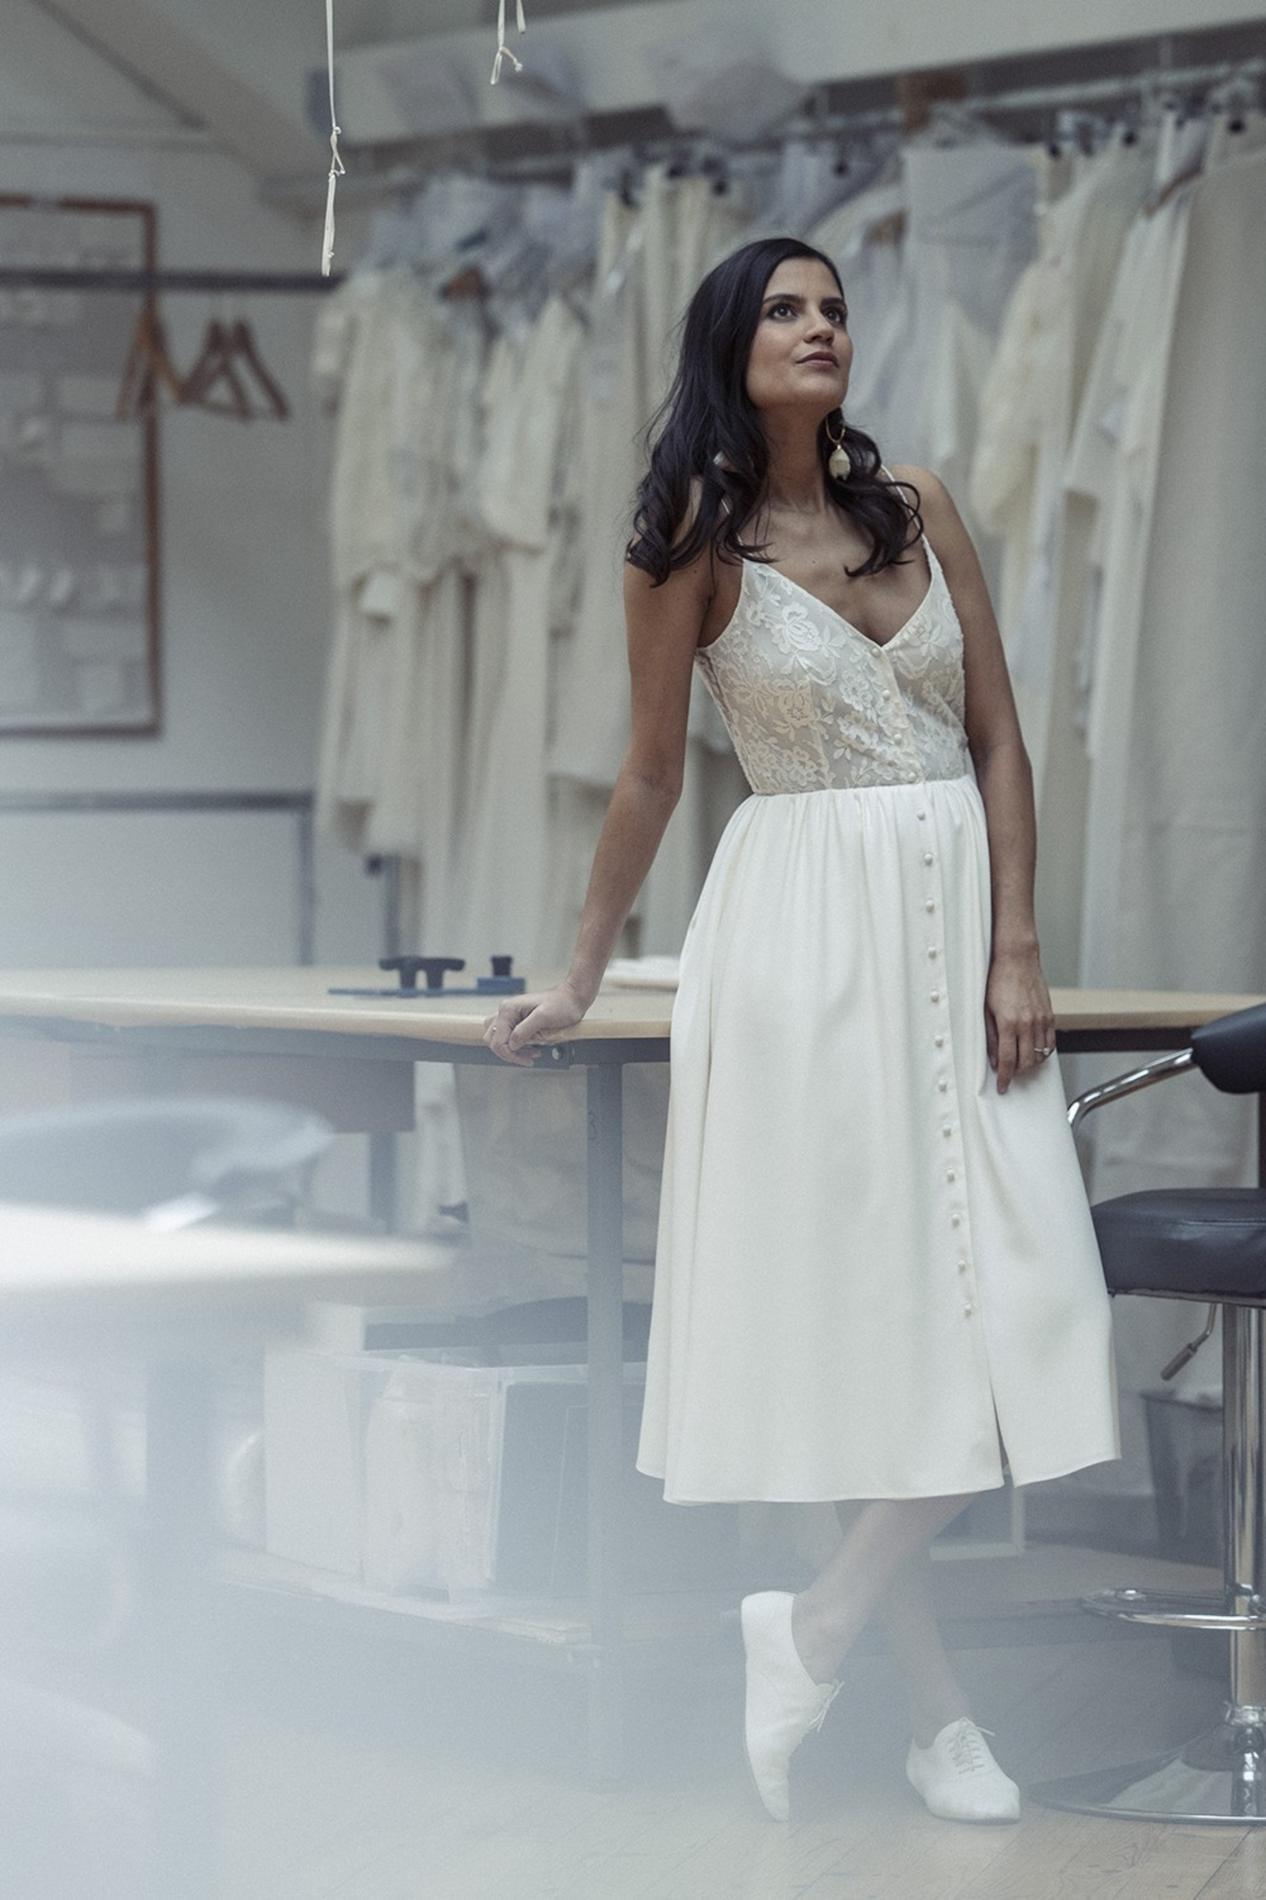 nouveau style 399b4 57bf8 Bague, robe, costume... Les codes du mariage 2019 - Madame ...